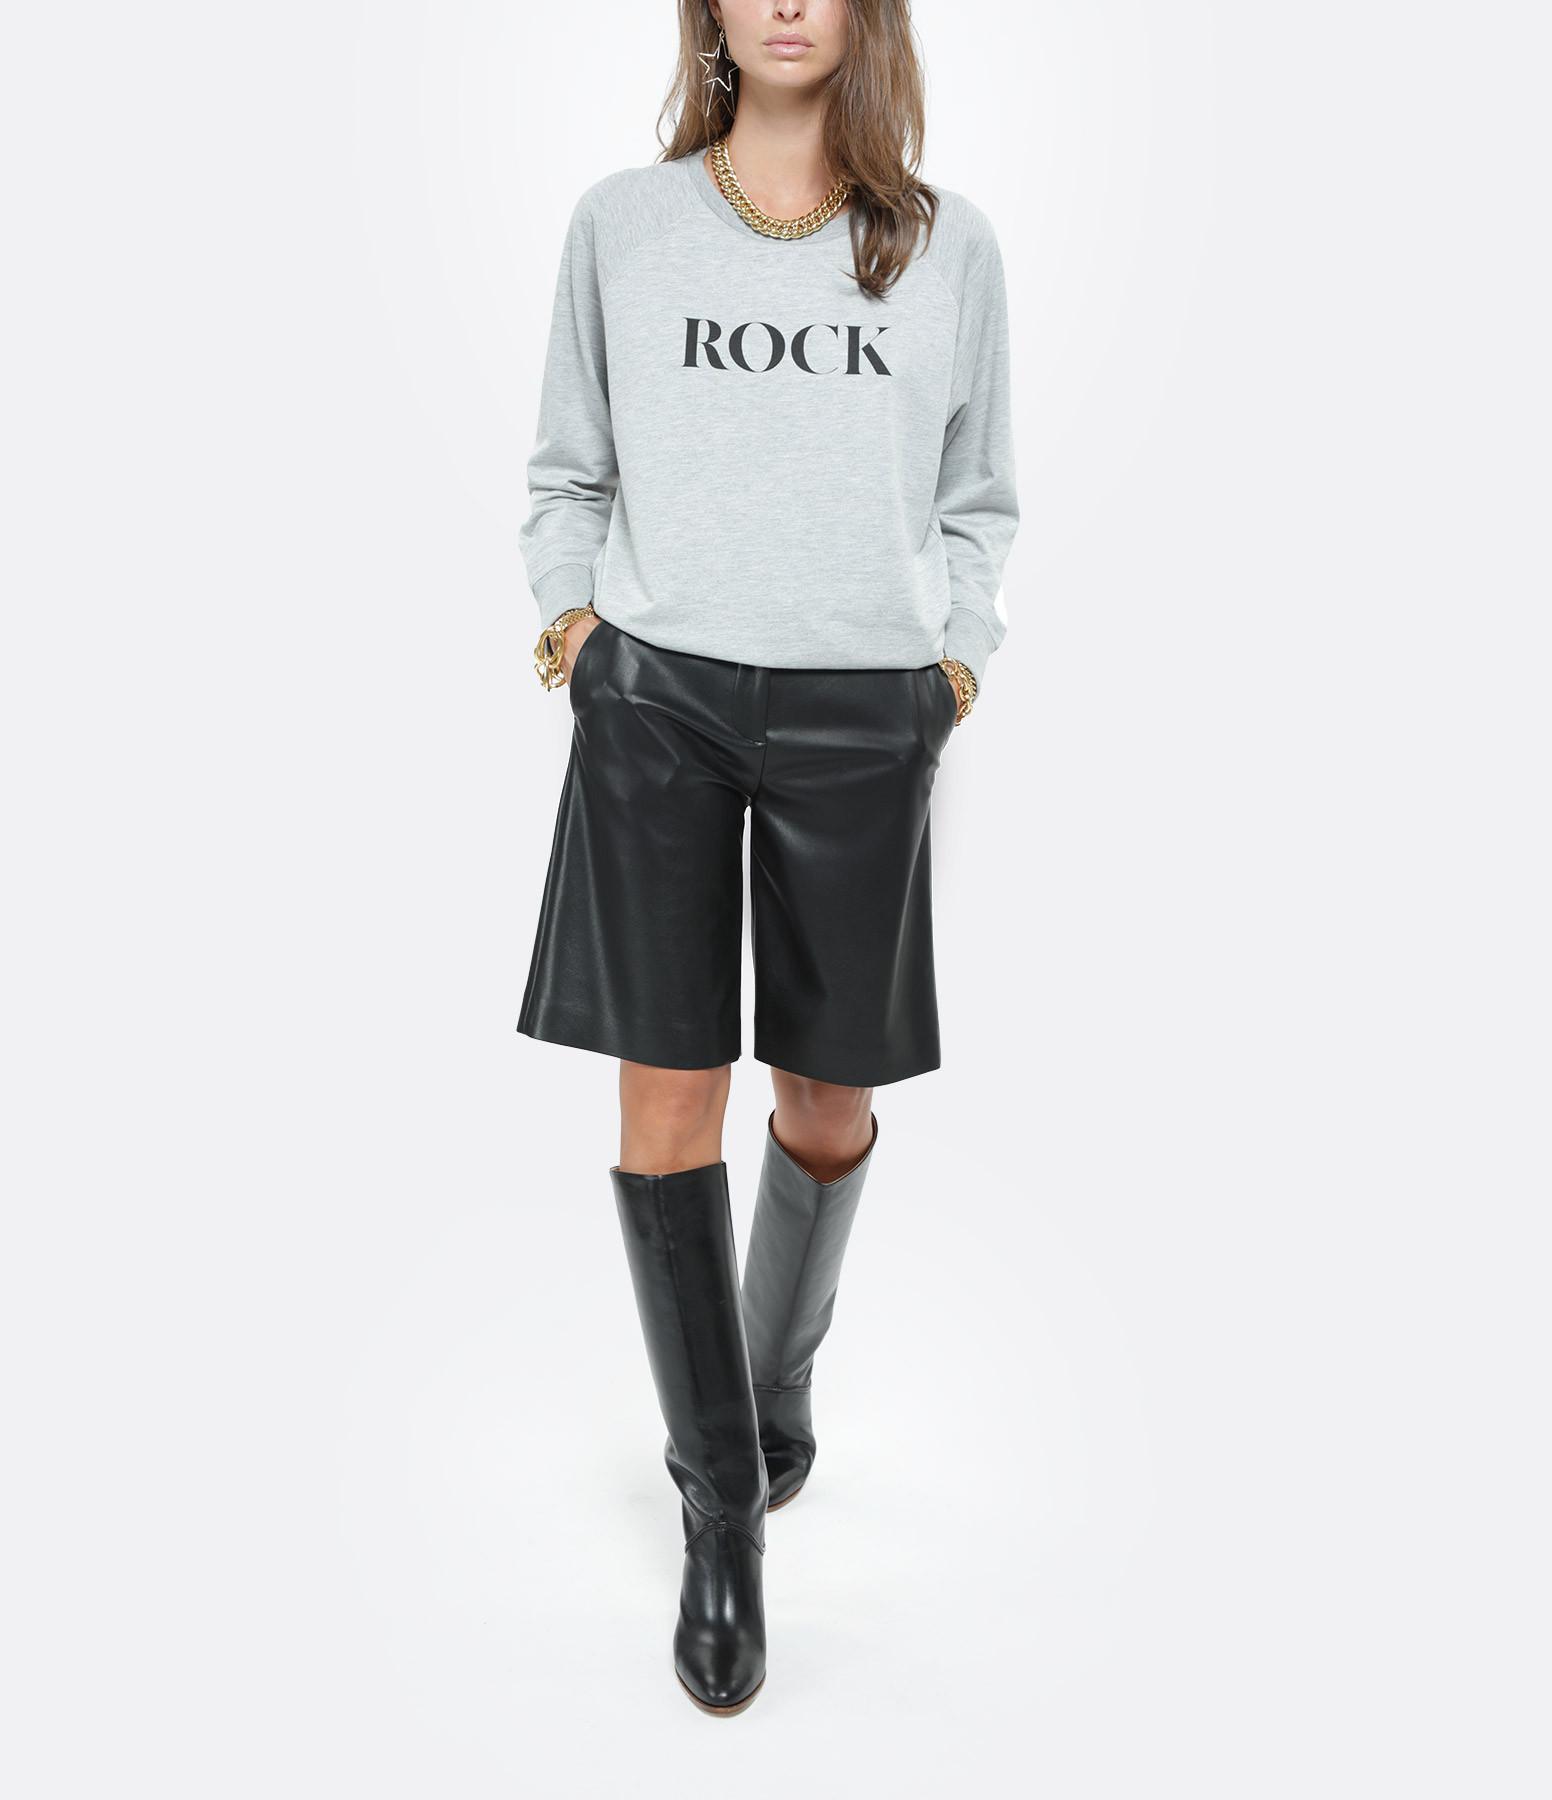 JEANNE VOULAND - Sweatshirt Celo Rock Love Gris